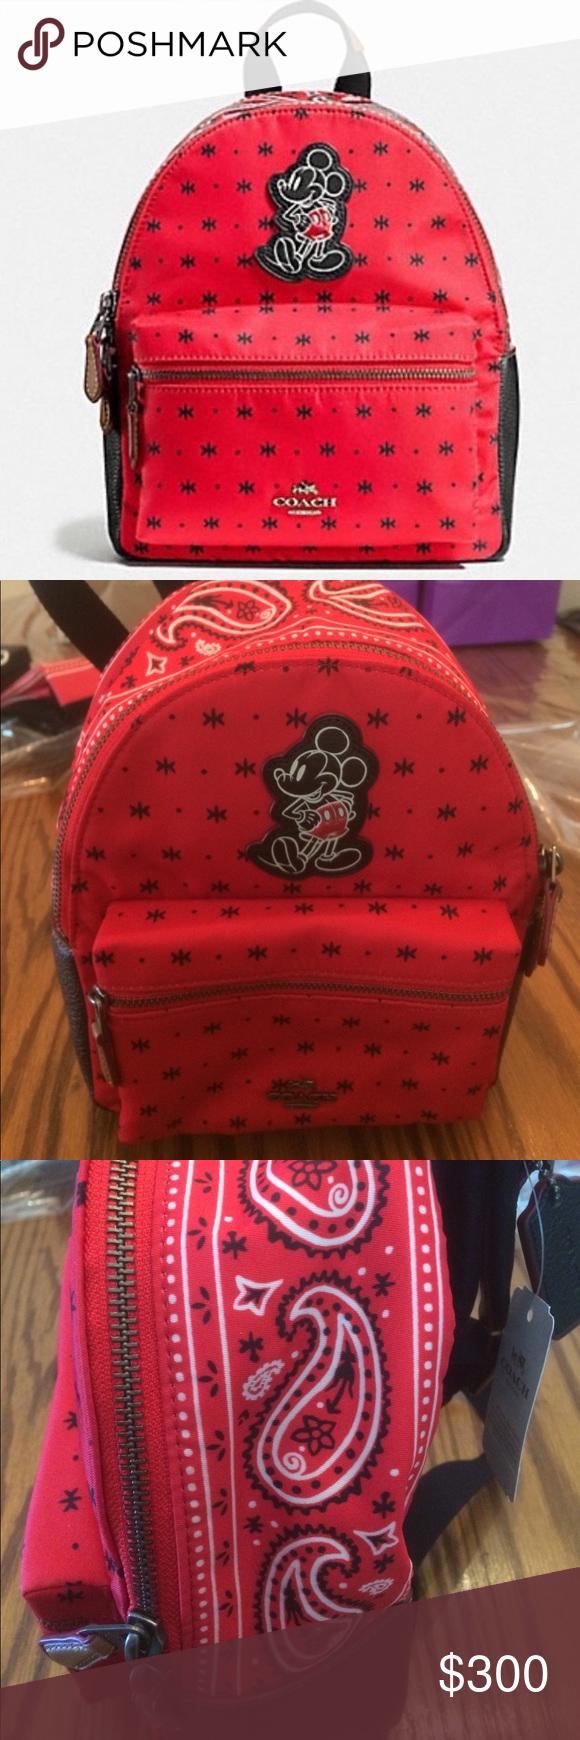 fb7ef64a2a57 NWT Coach Disney Mini Backpack Mickey Mouse MINI CHARLIE BACKPACK IN PRAIRIE  BANDANA PRINT WITH MICKEY